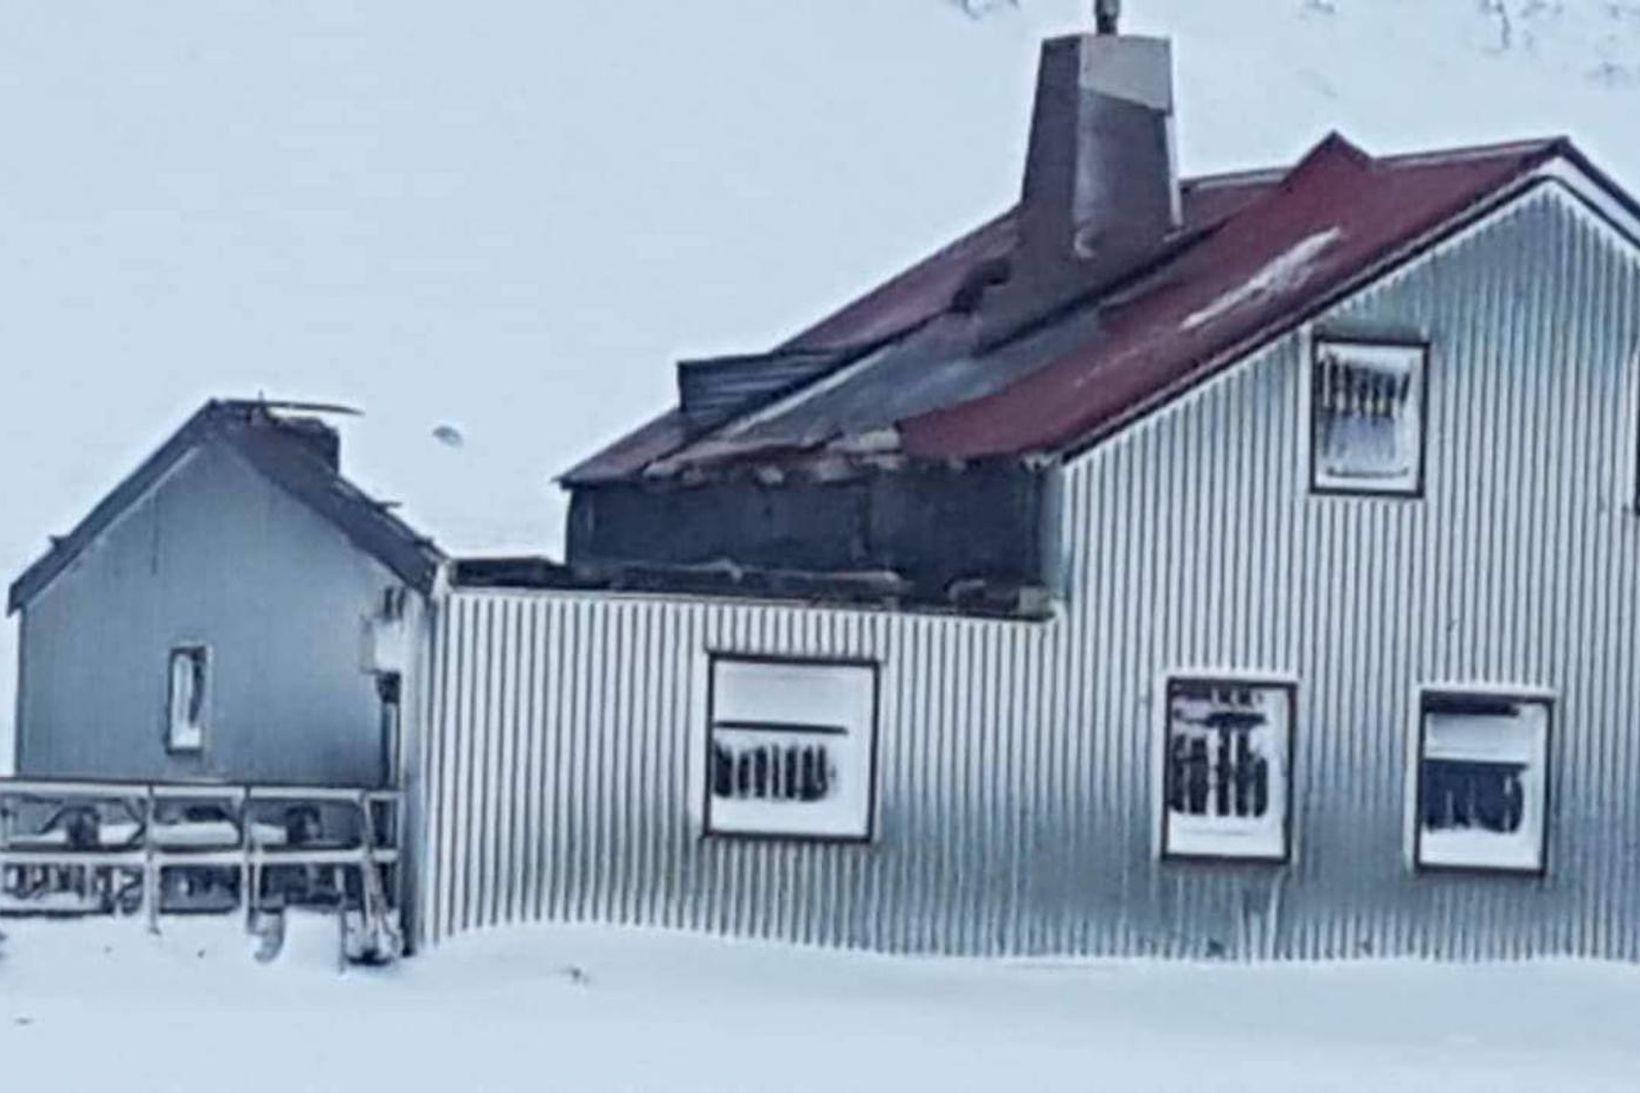 Þakið fauk af viðbyggingu sem er vestanvert við húsið.